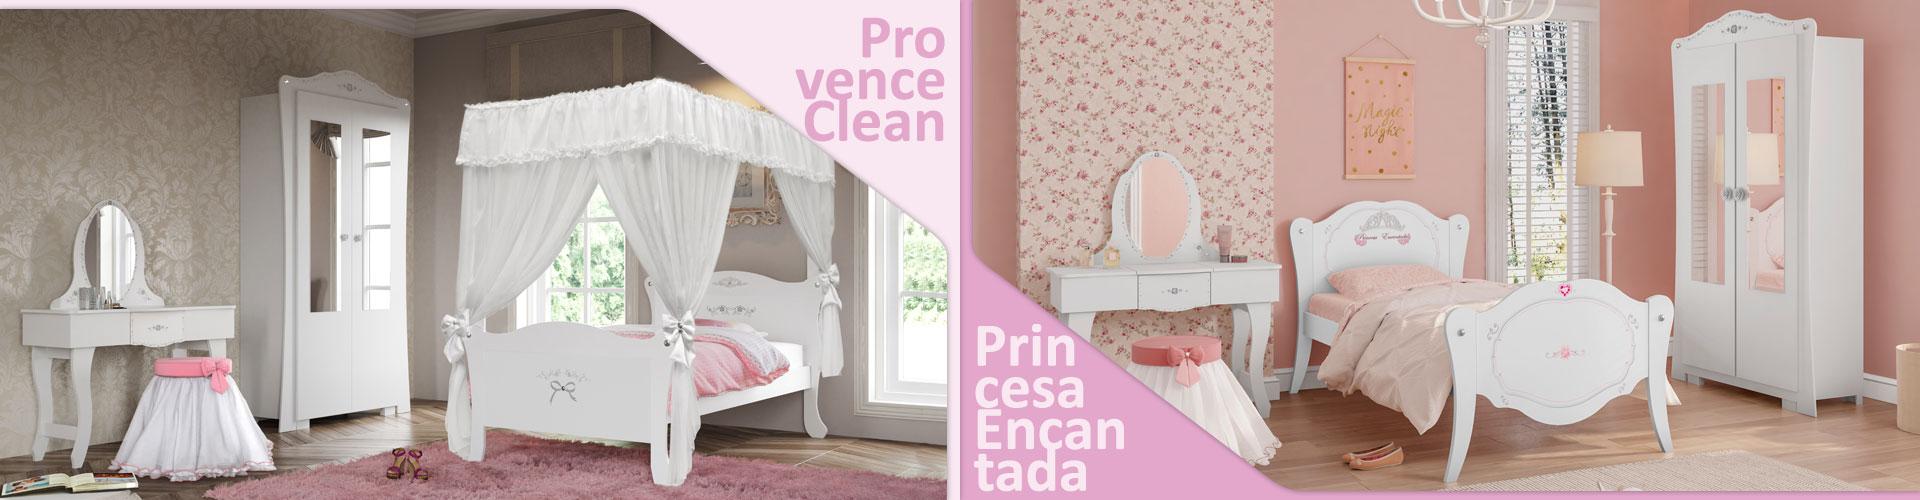 banner_moveis_princesa-encantada_provence